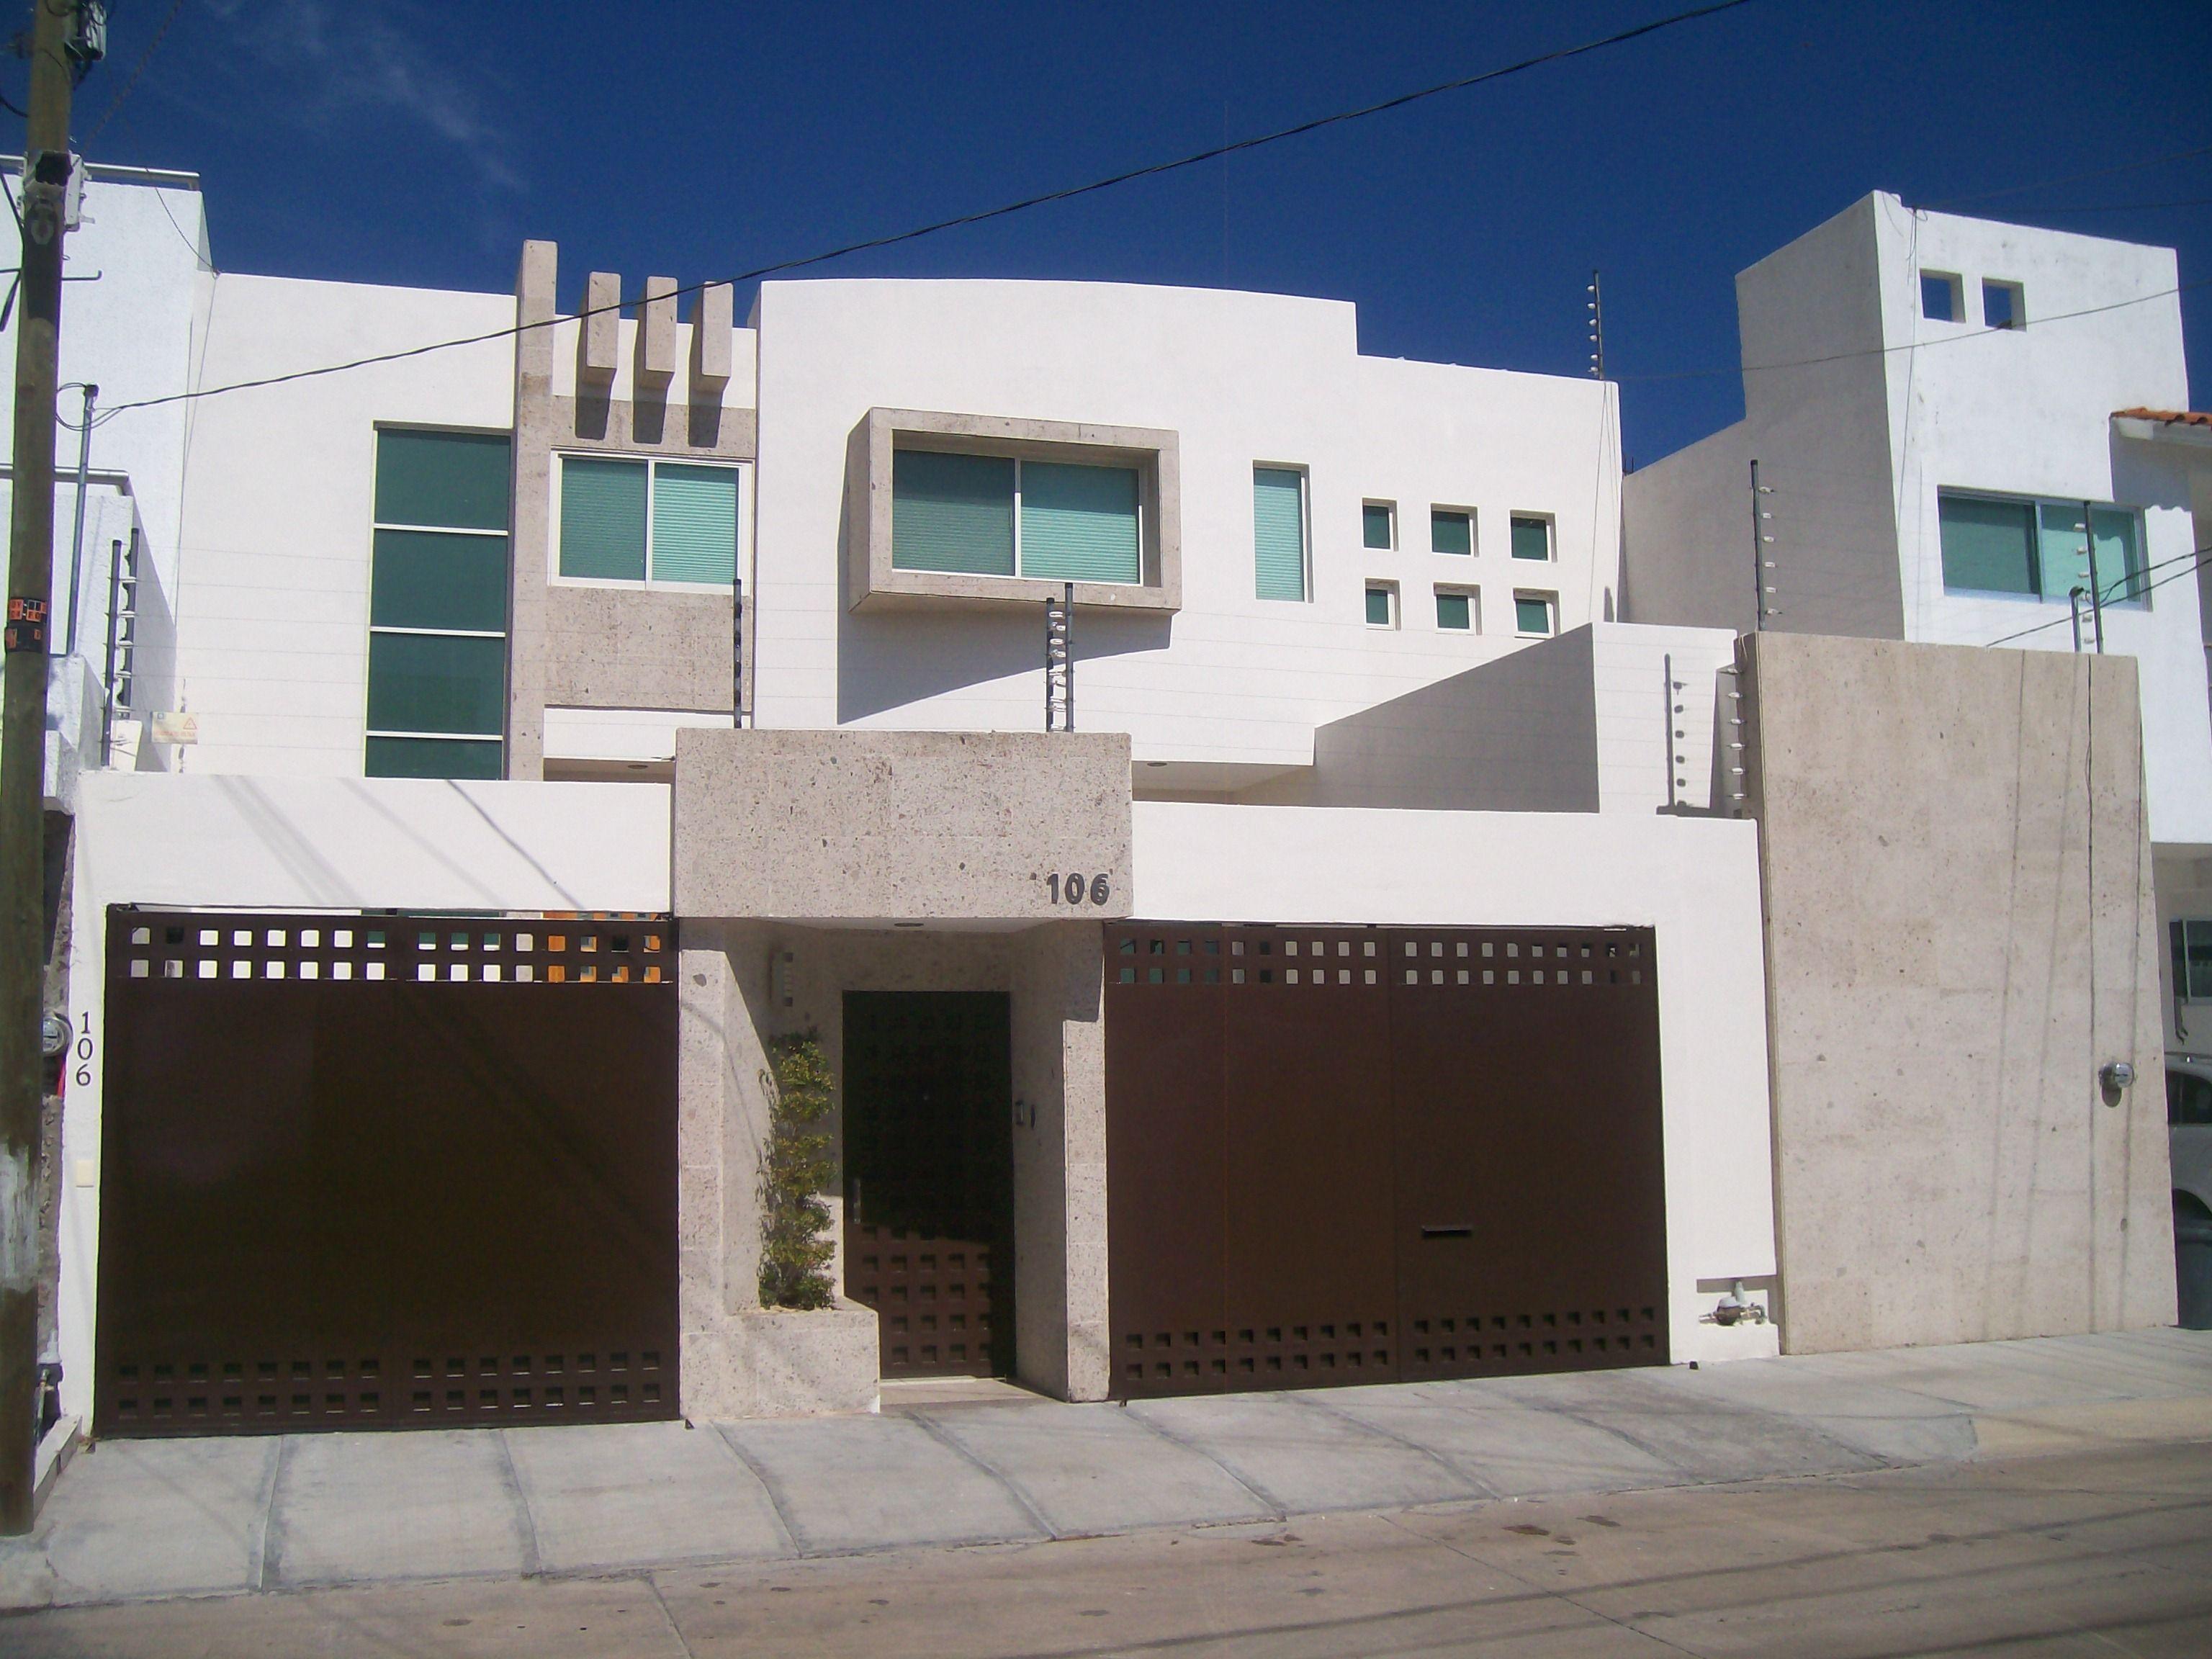 Fachadas de casas modernas de dos pisos en mexico google for Fachadas de casas modernas com jardim